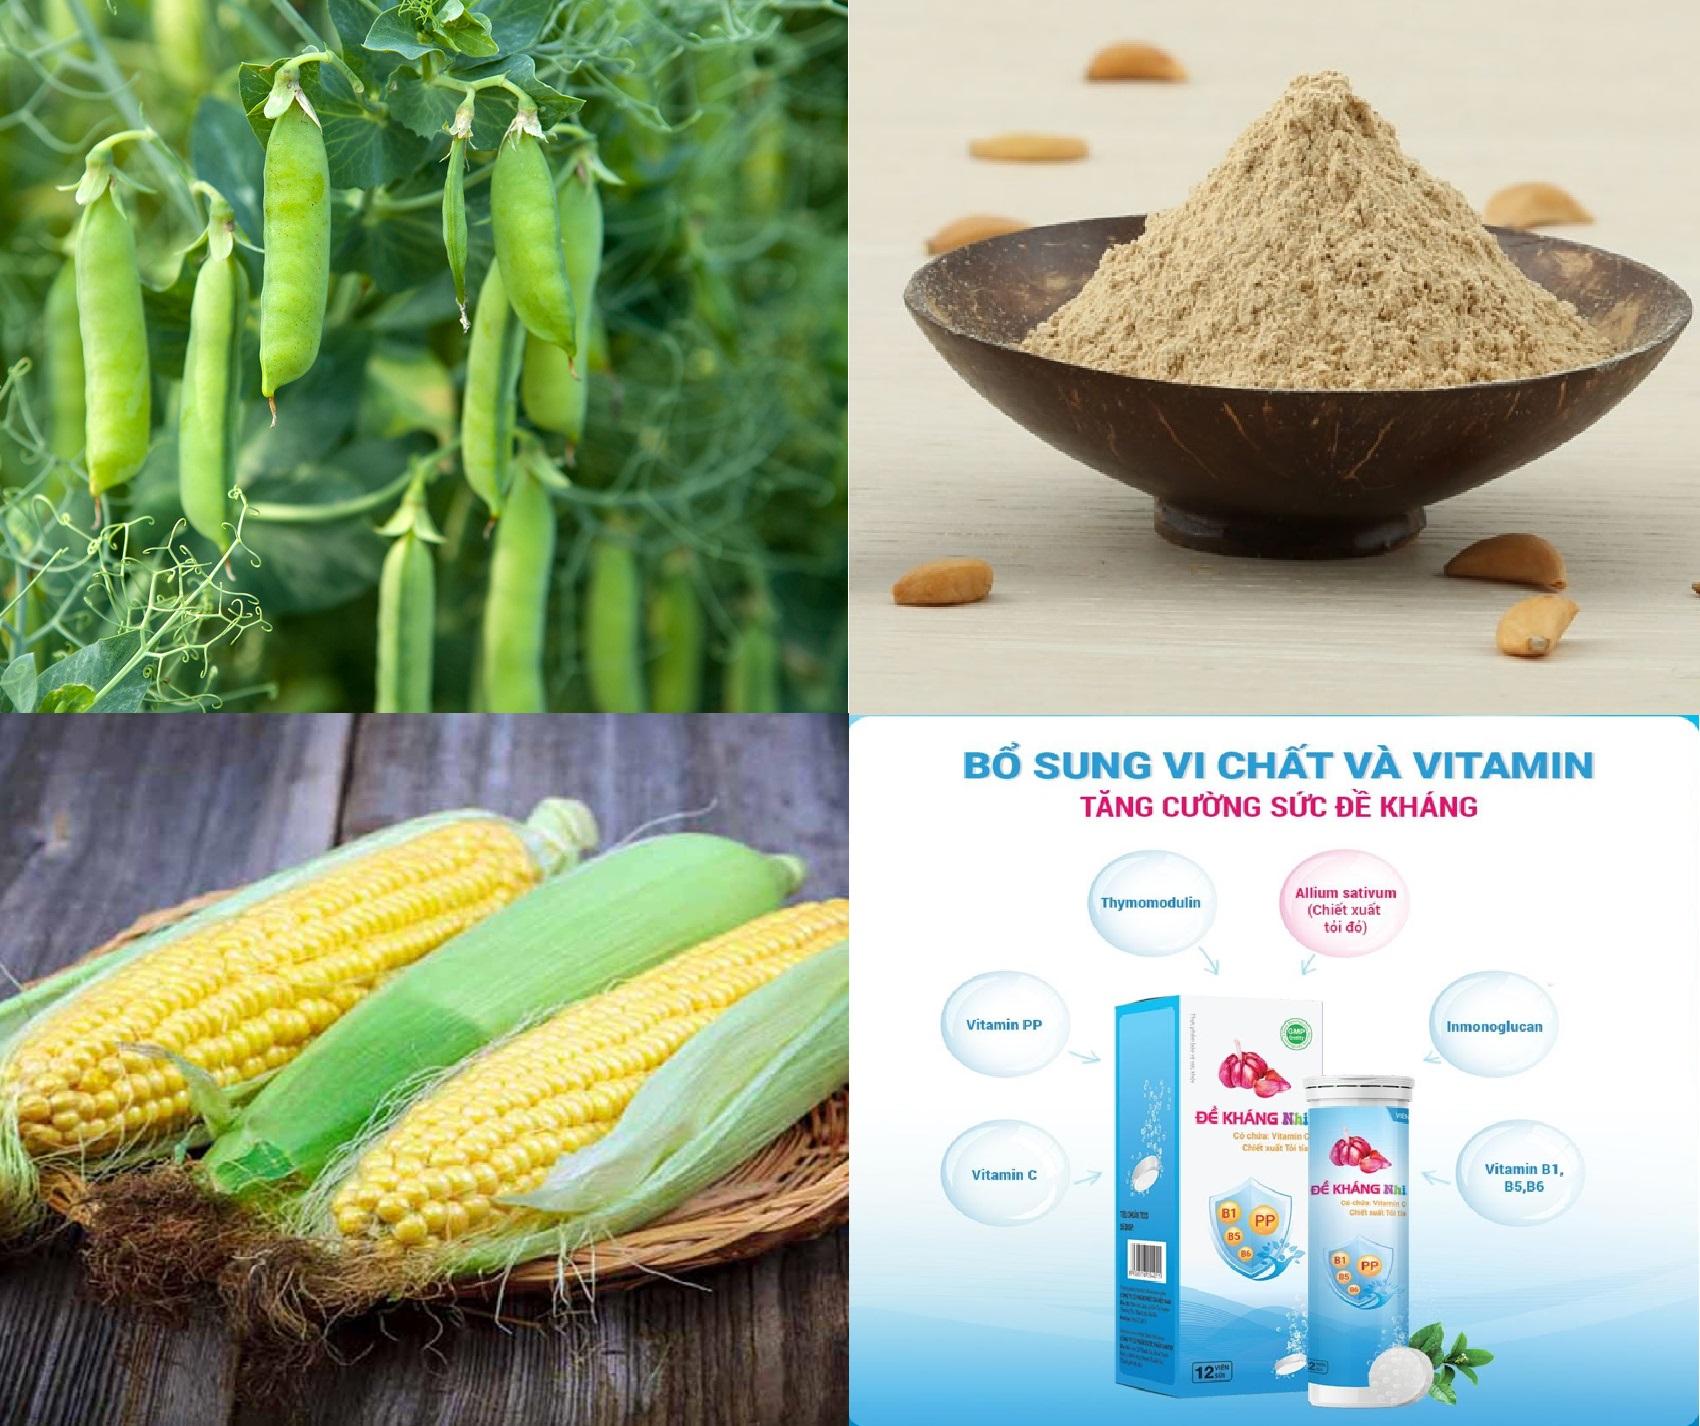 Đậu Hà Lan, Ngô, Bột uống đa năng và thức uống dinh dưỡng vô cùng tốt cho sức khỏe của trẻ